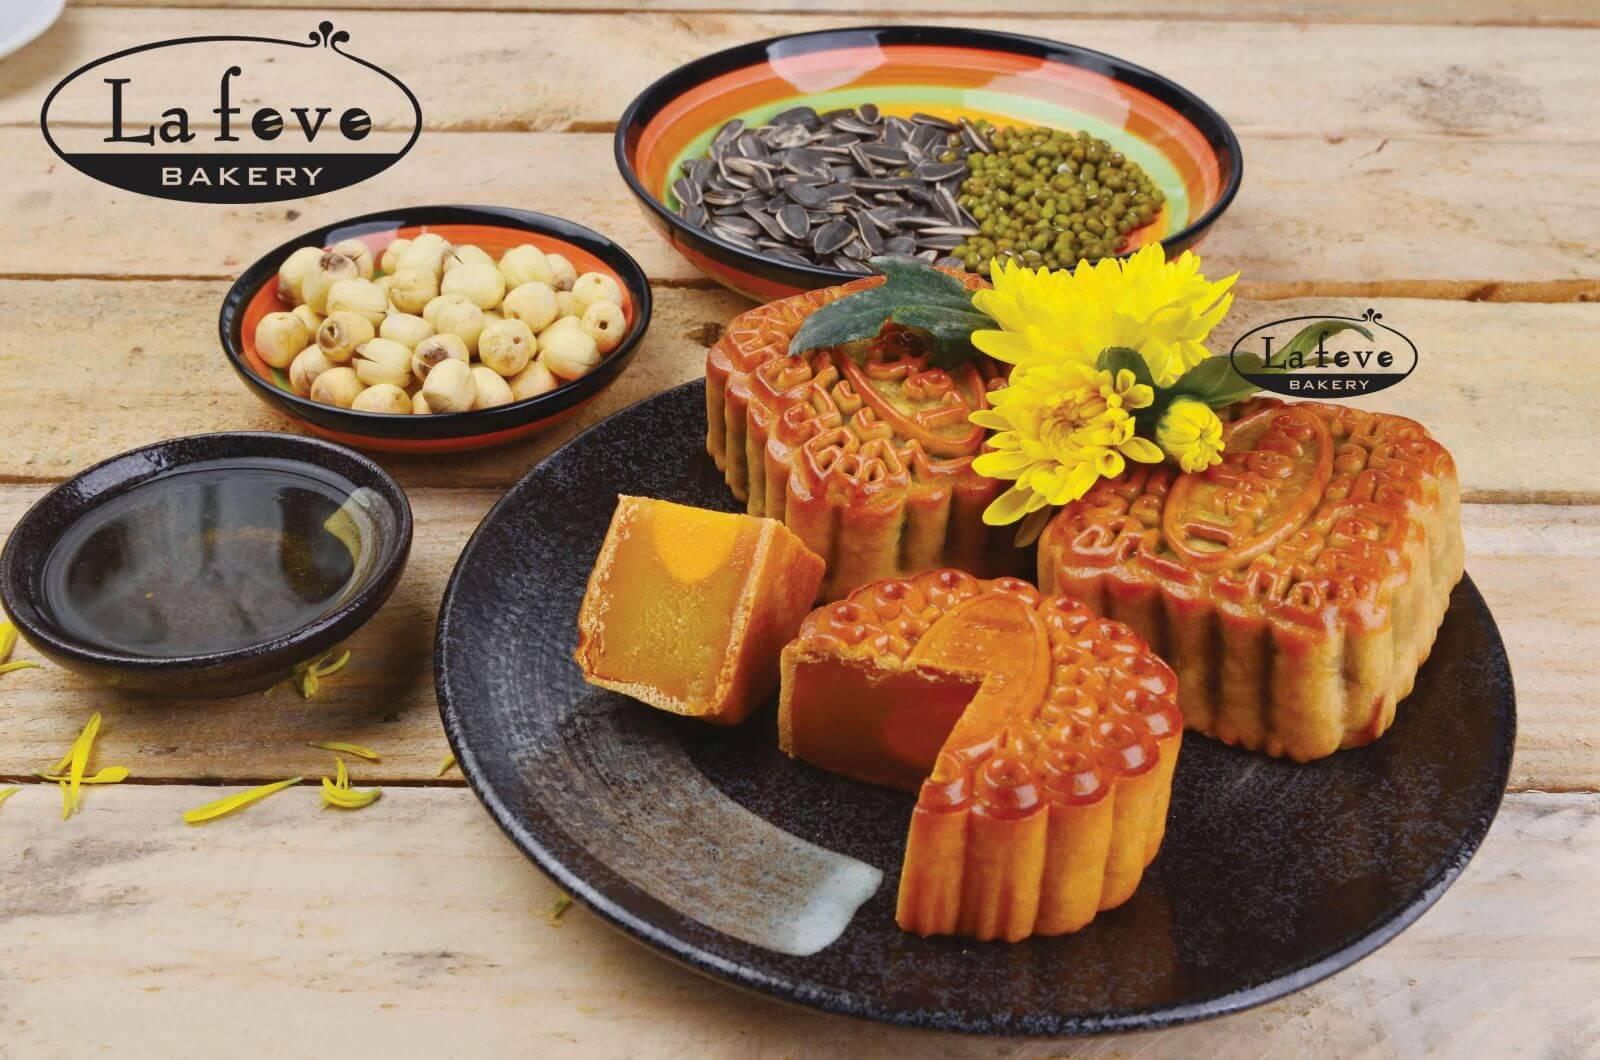 Bánh Trung Thu Lafeve 2018- Bảng Báo Giá Chính Thức Bánh Trung Thu Lafeve 2018 2